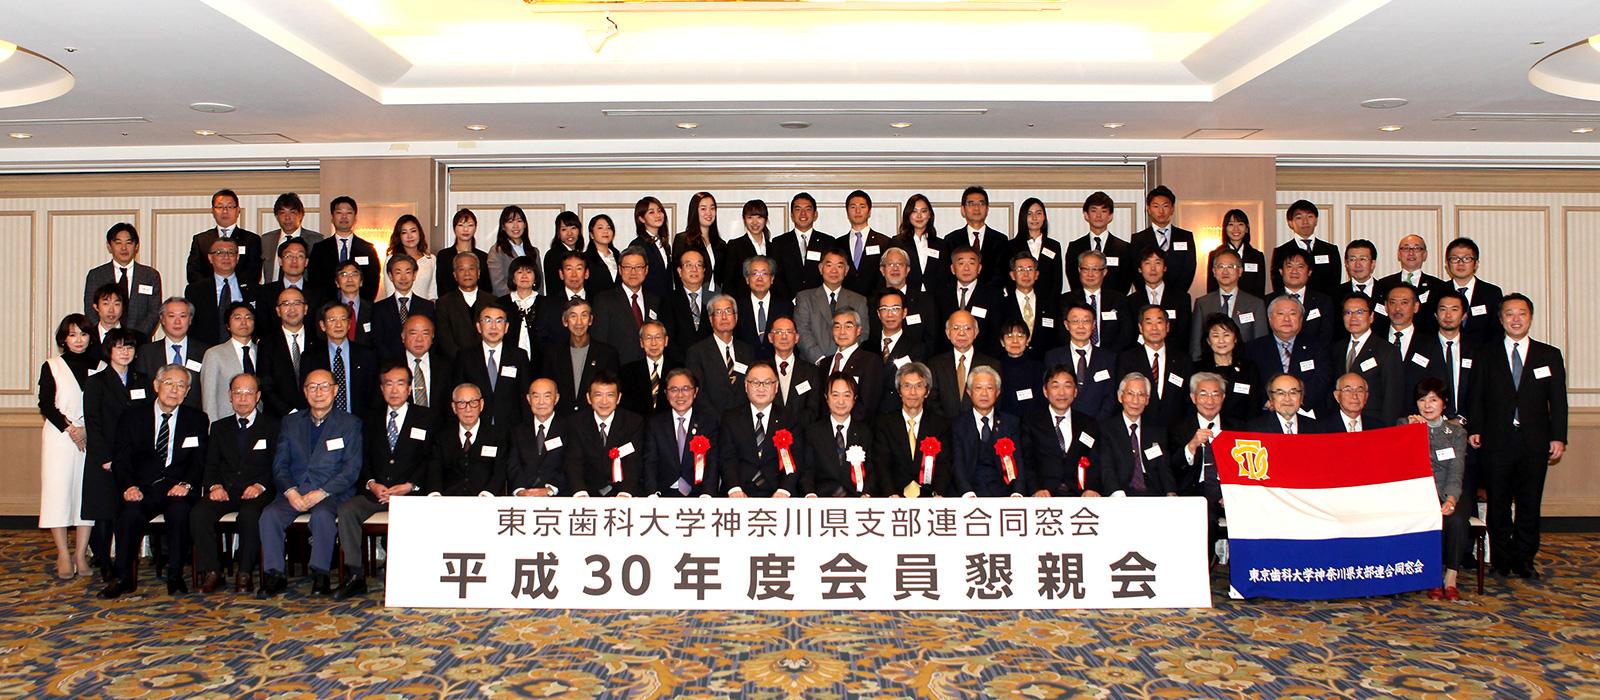 神奈川県支部連合同窓会/平成30年度 会員家族レクリエーション